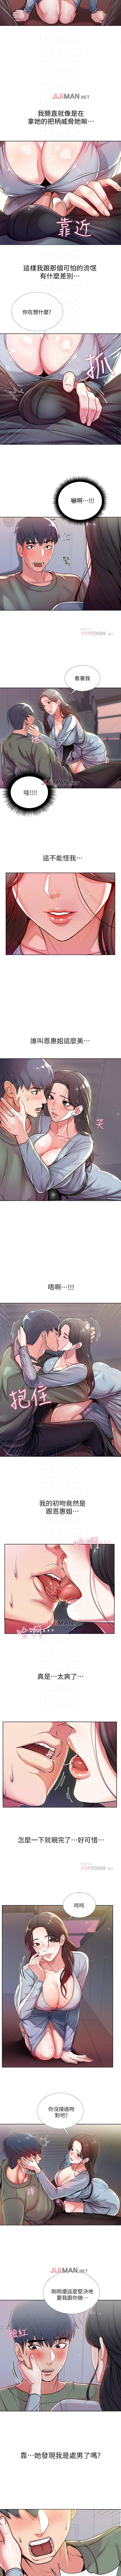 【周三连载】超市的漂亮姐姐(作者:北鼻&逃兵) 第1~20话 44